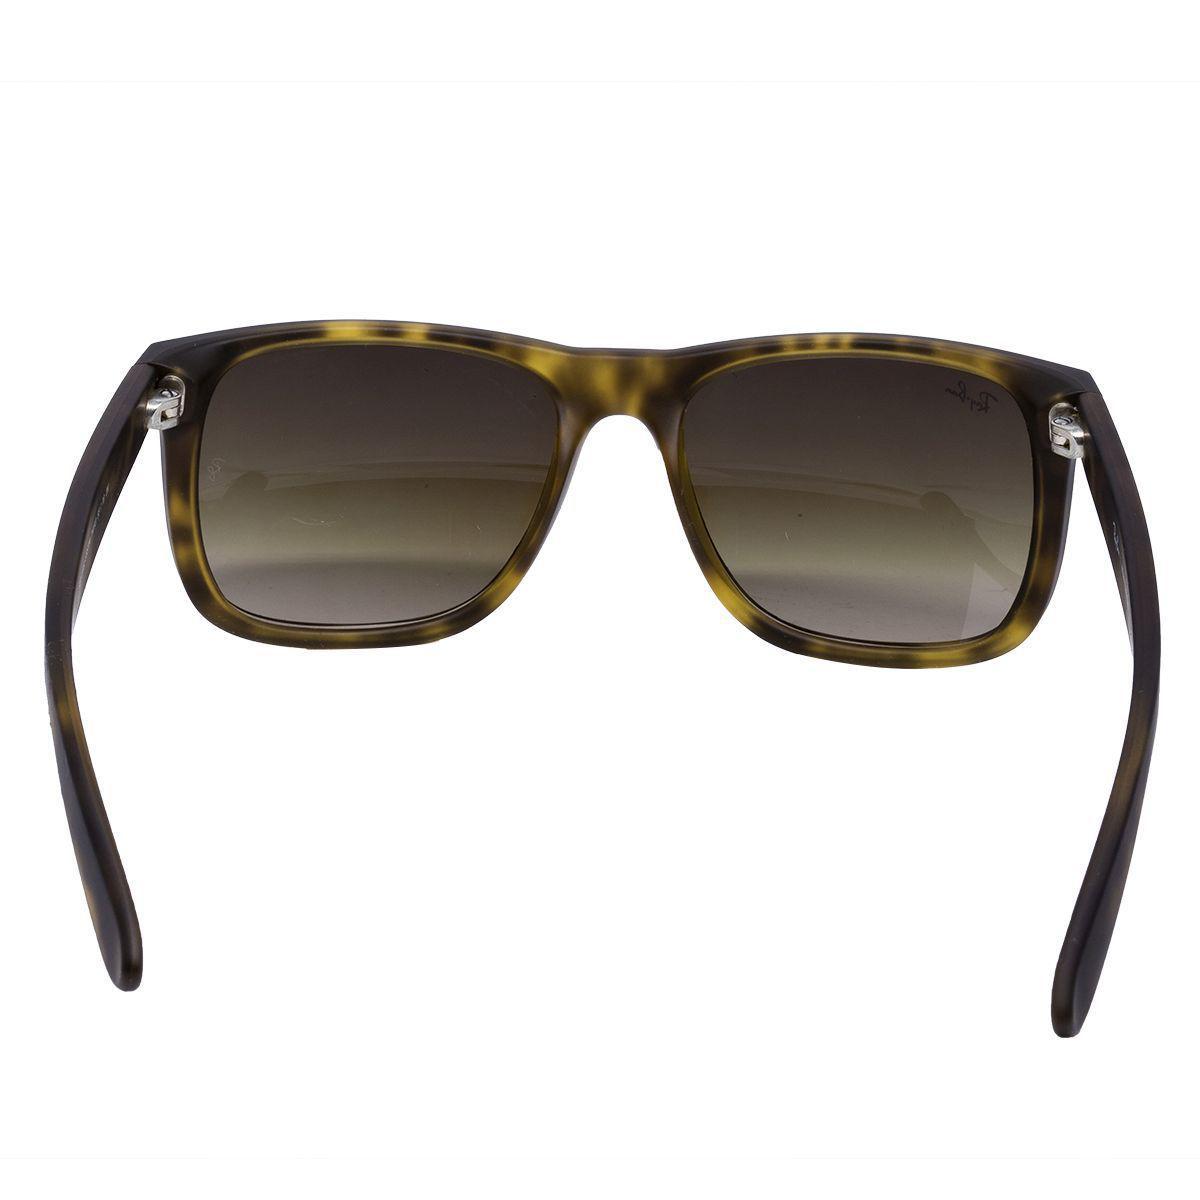 Óculos de Sol Ray Ban Justin Rubber Matte Havana RB4165 710 13 - Acetato  Tartaruga, Lente Marrom Deg R  484,00 à vista. Adicionar à sacola 64cb76cb60